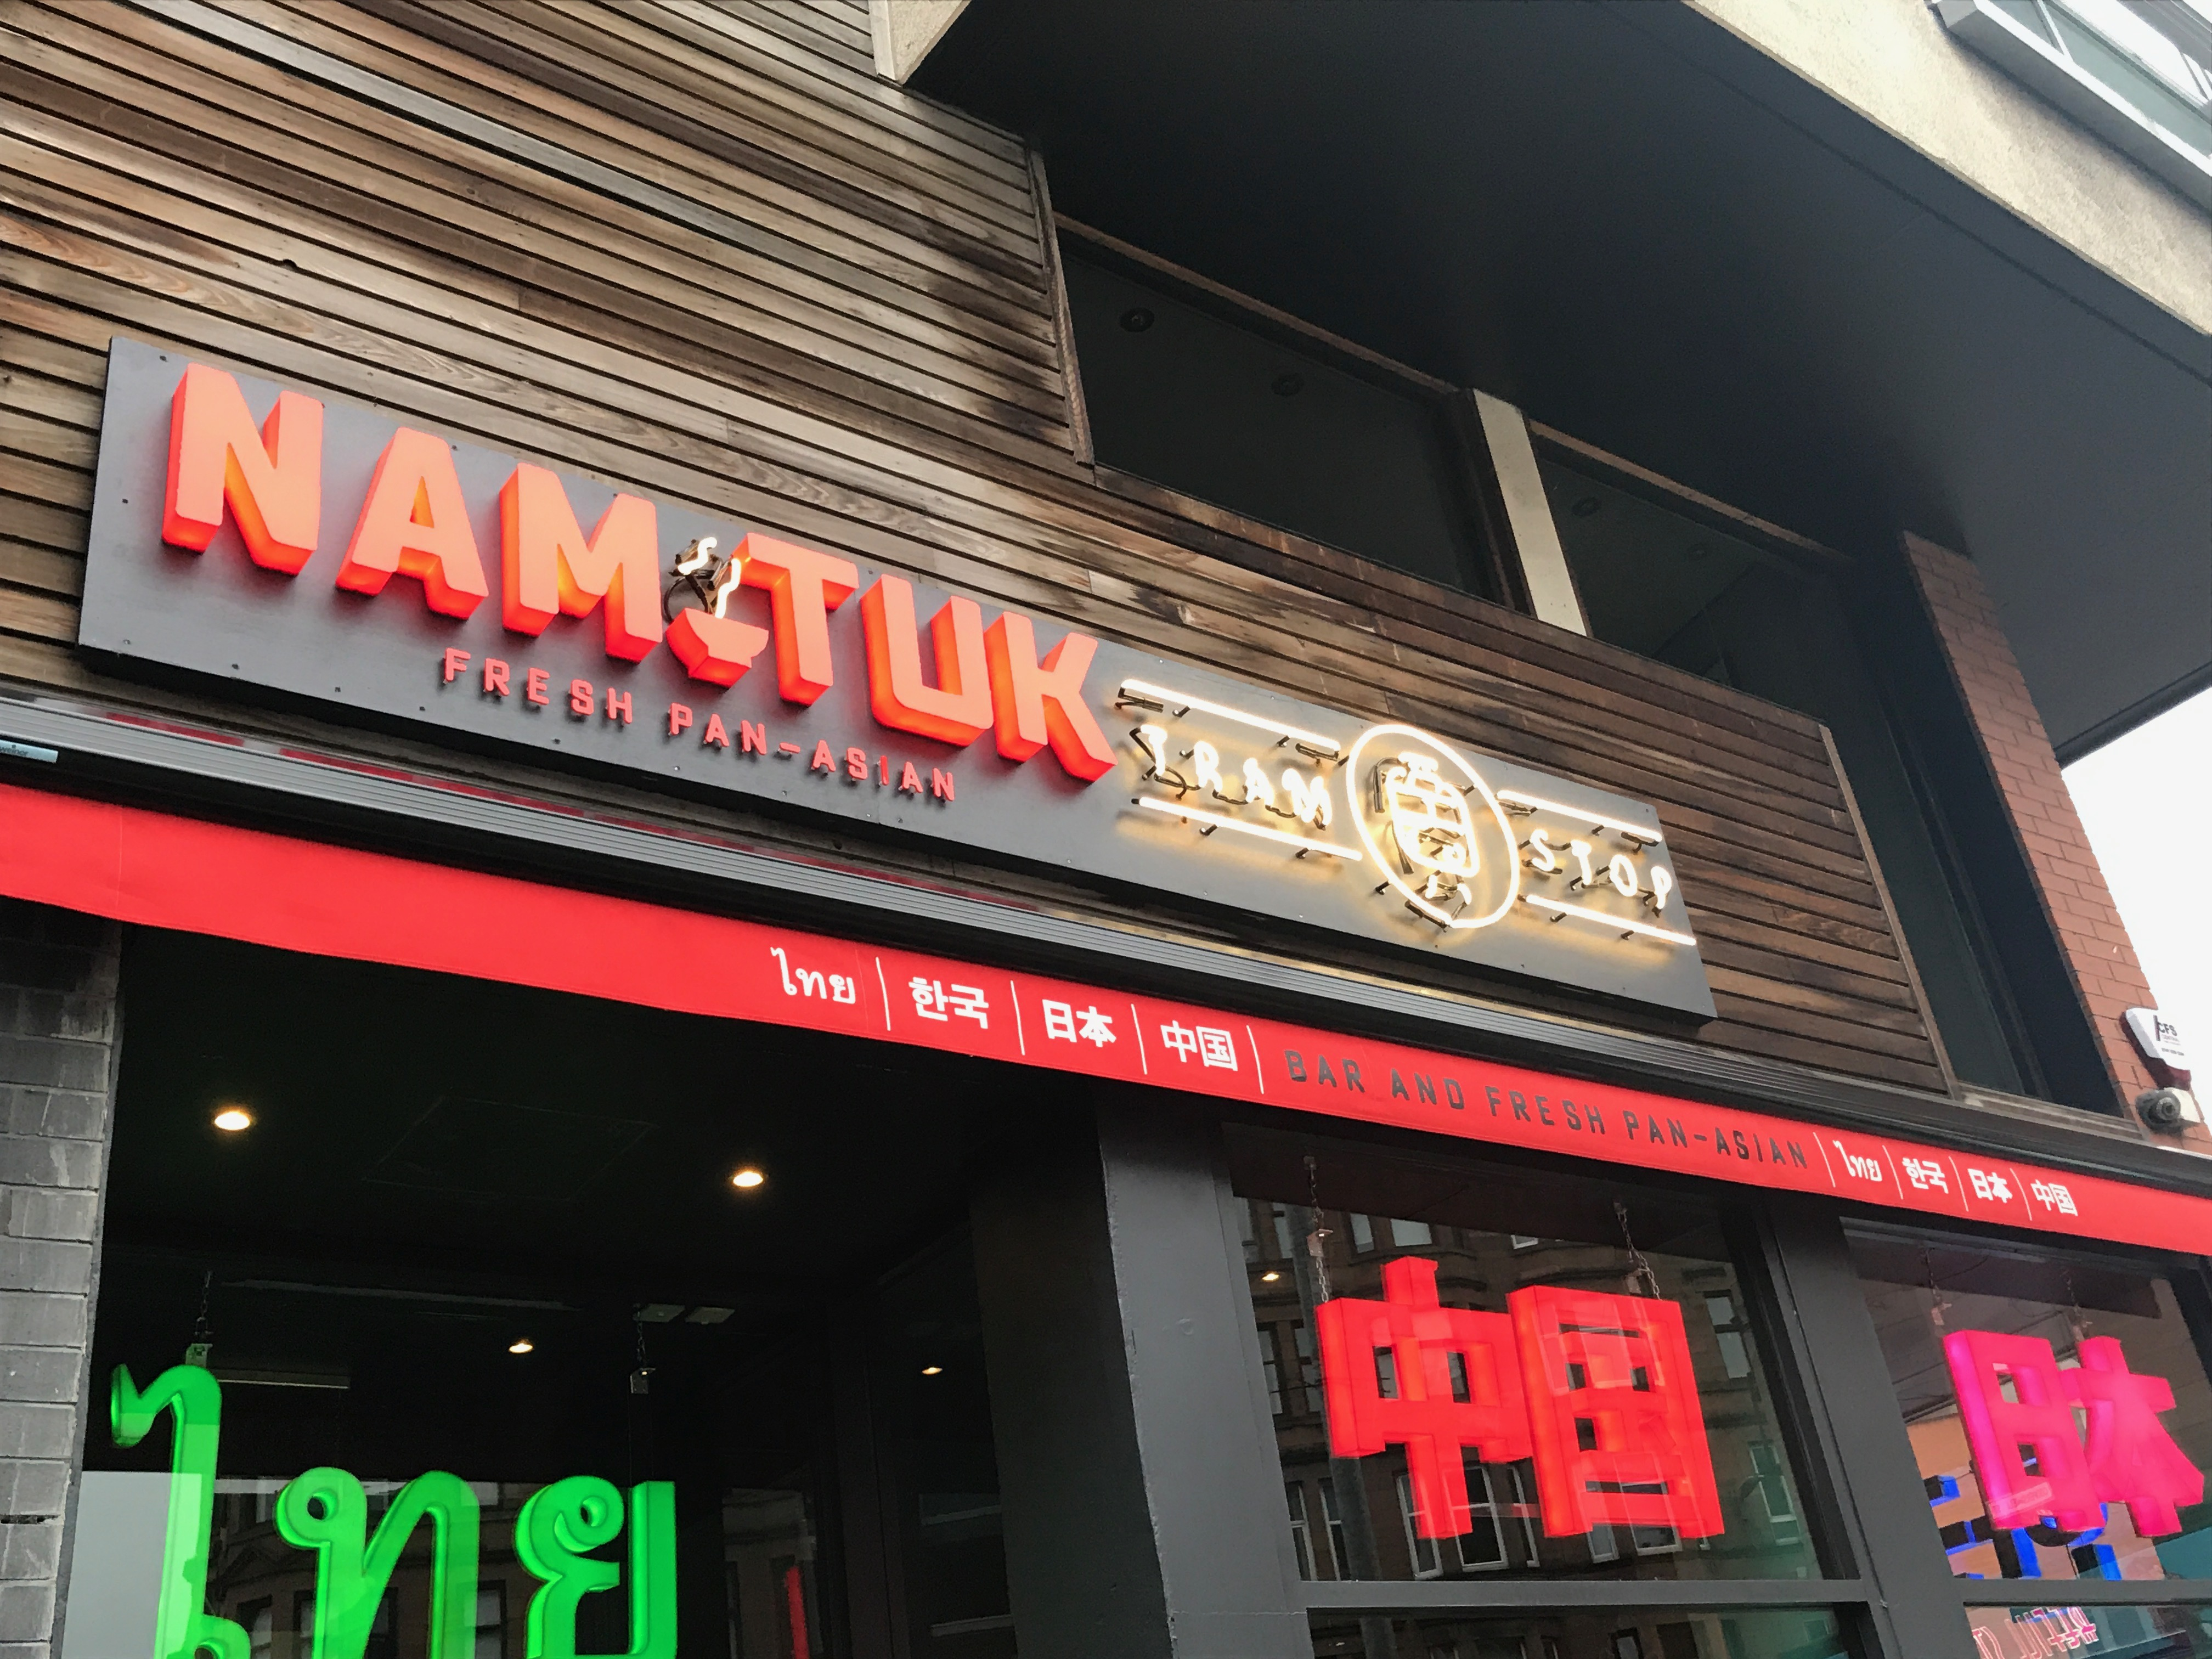 Nam Tuk Tram Stop : Sign